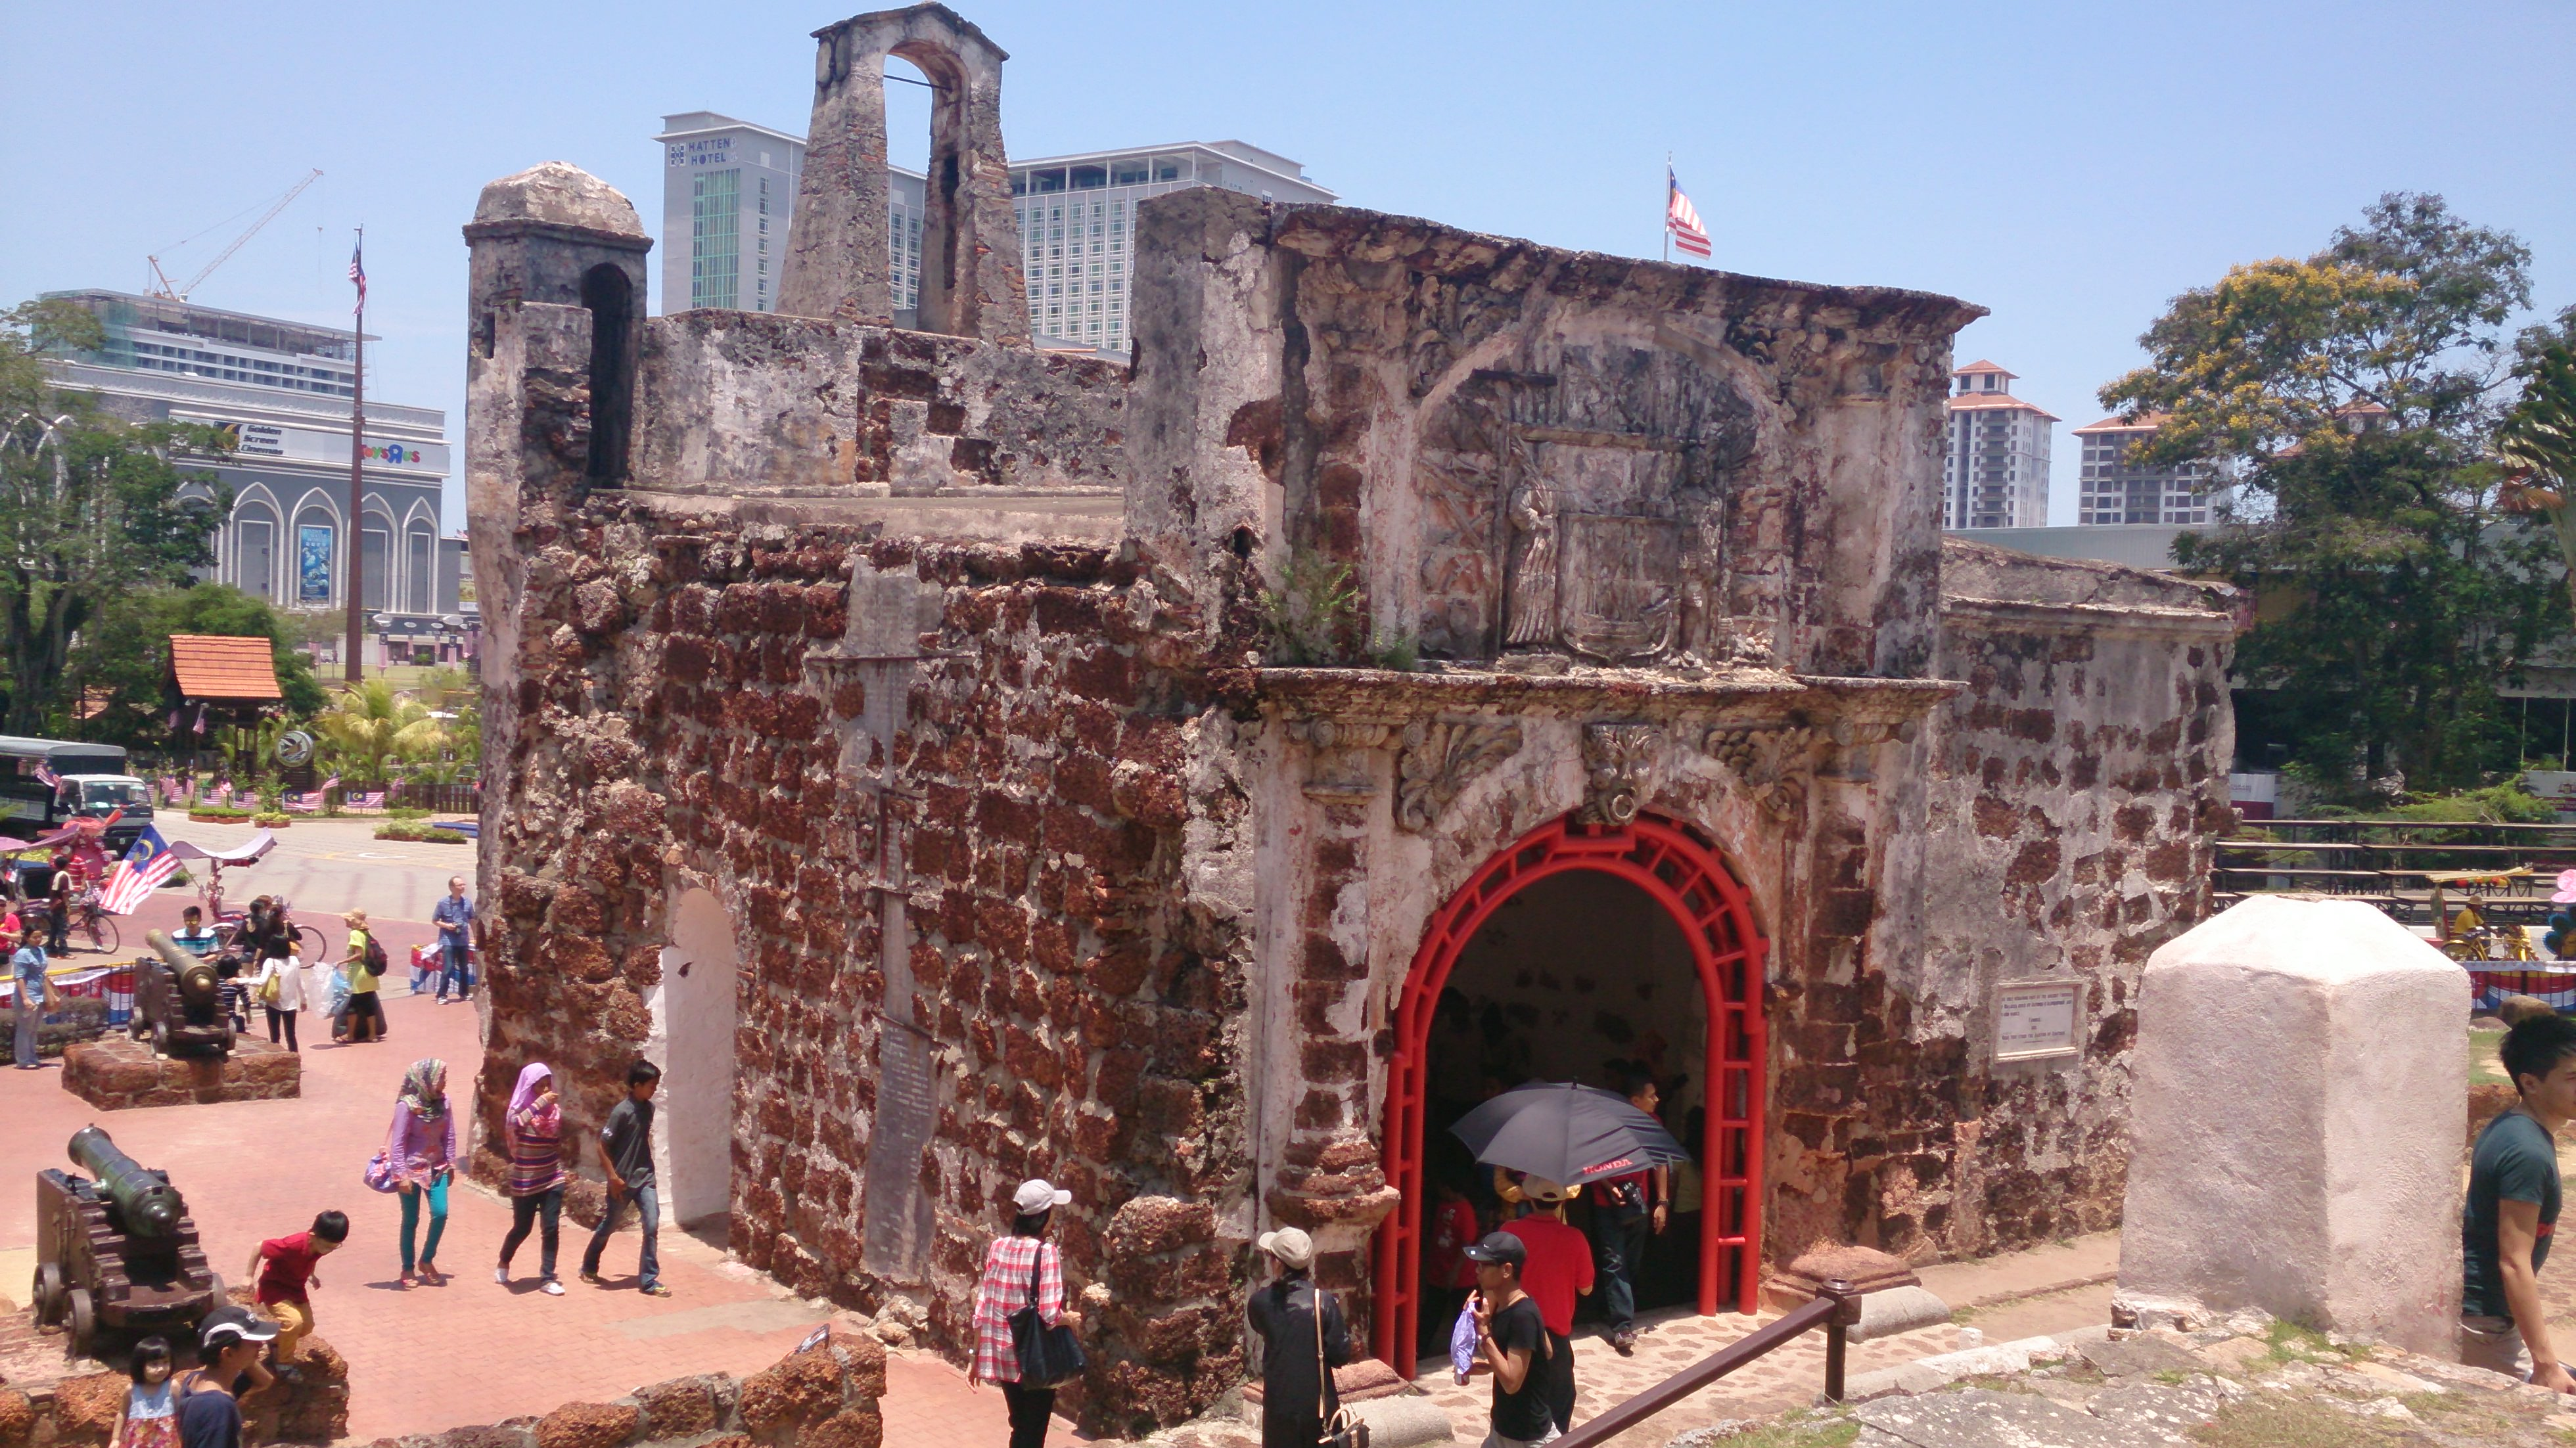 サンチャゴ要塞とマラッカ王宮博物館でマラッカの歴史に触れる